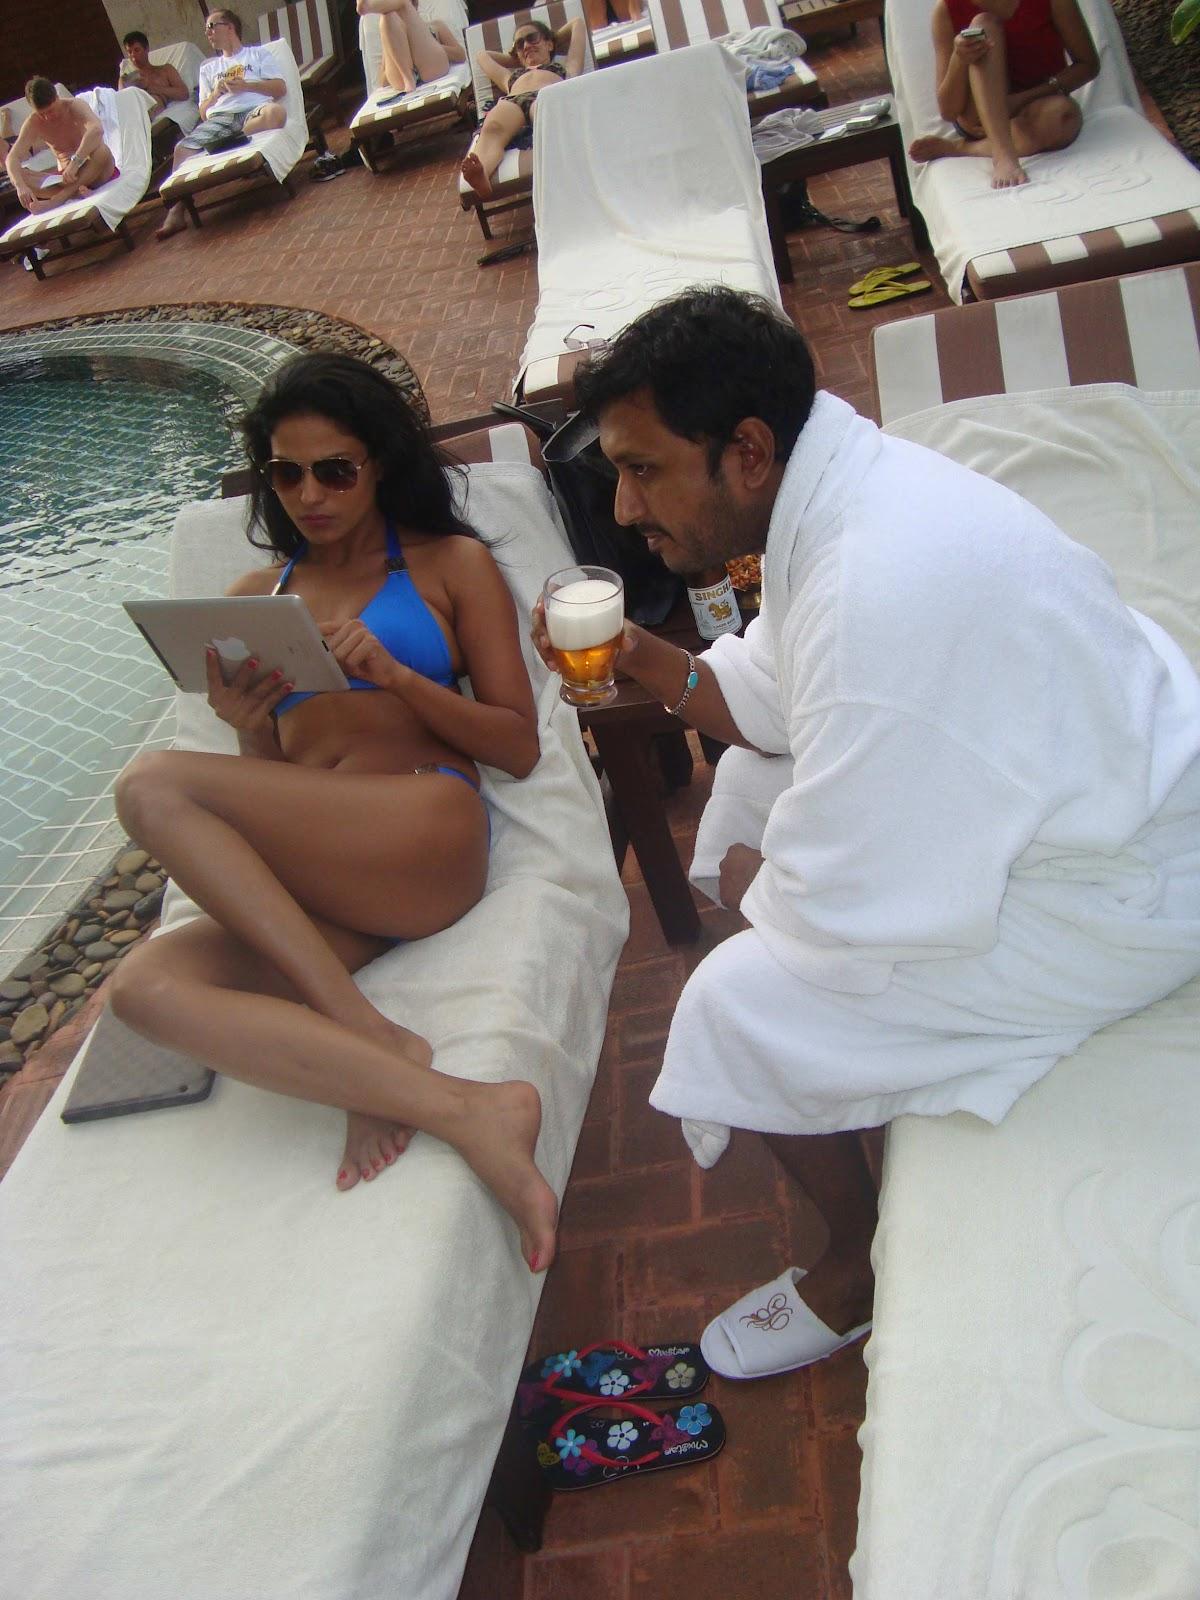 http://1.bp.blogspot.com/-Xklcy6PMRbc/T-rNbMVMsgI/AAAAAAAACBw/xk1d5707Wh4/s1600/Veena-Malik-And-Hemant-Madhukar-3D-Love-Life-4.jpg